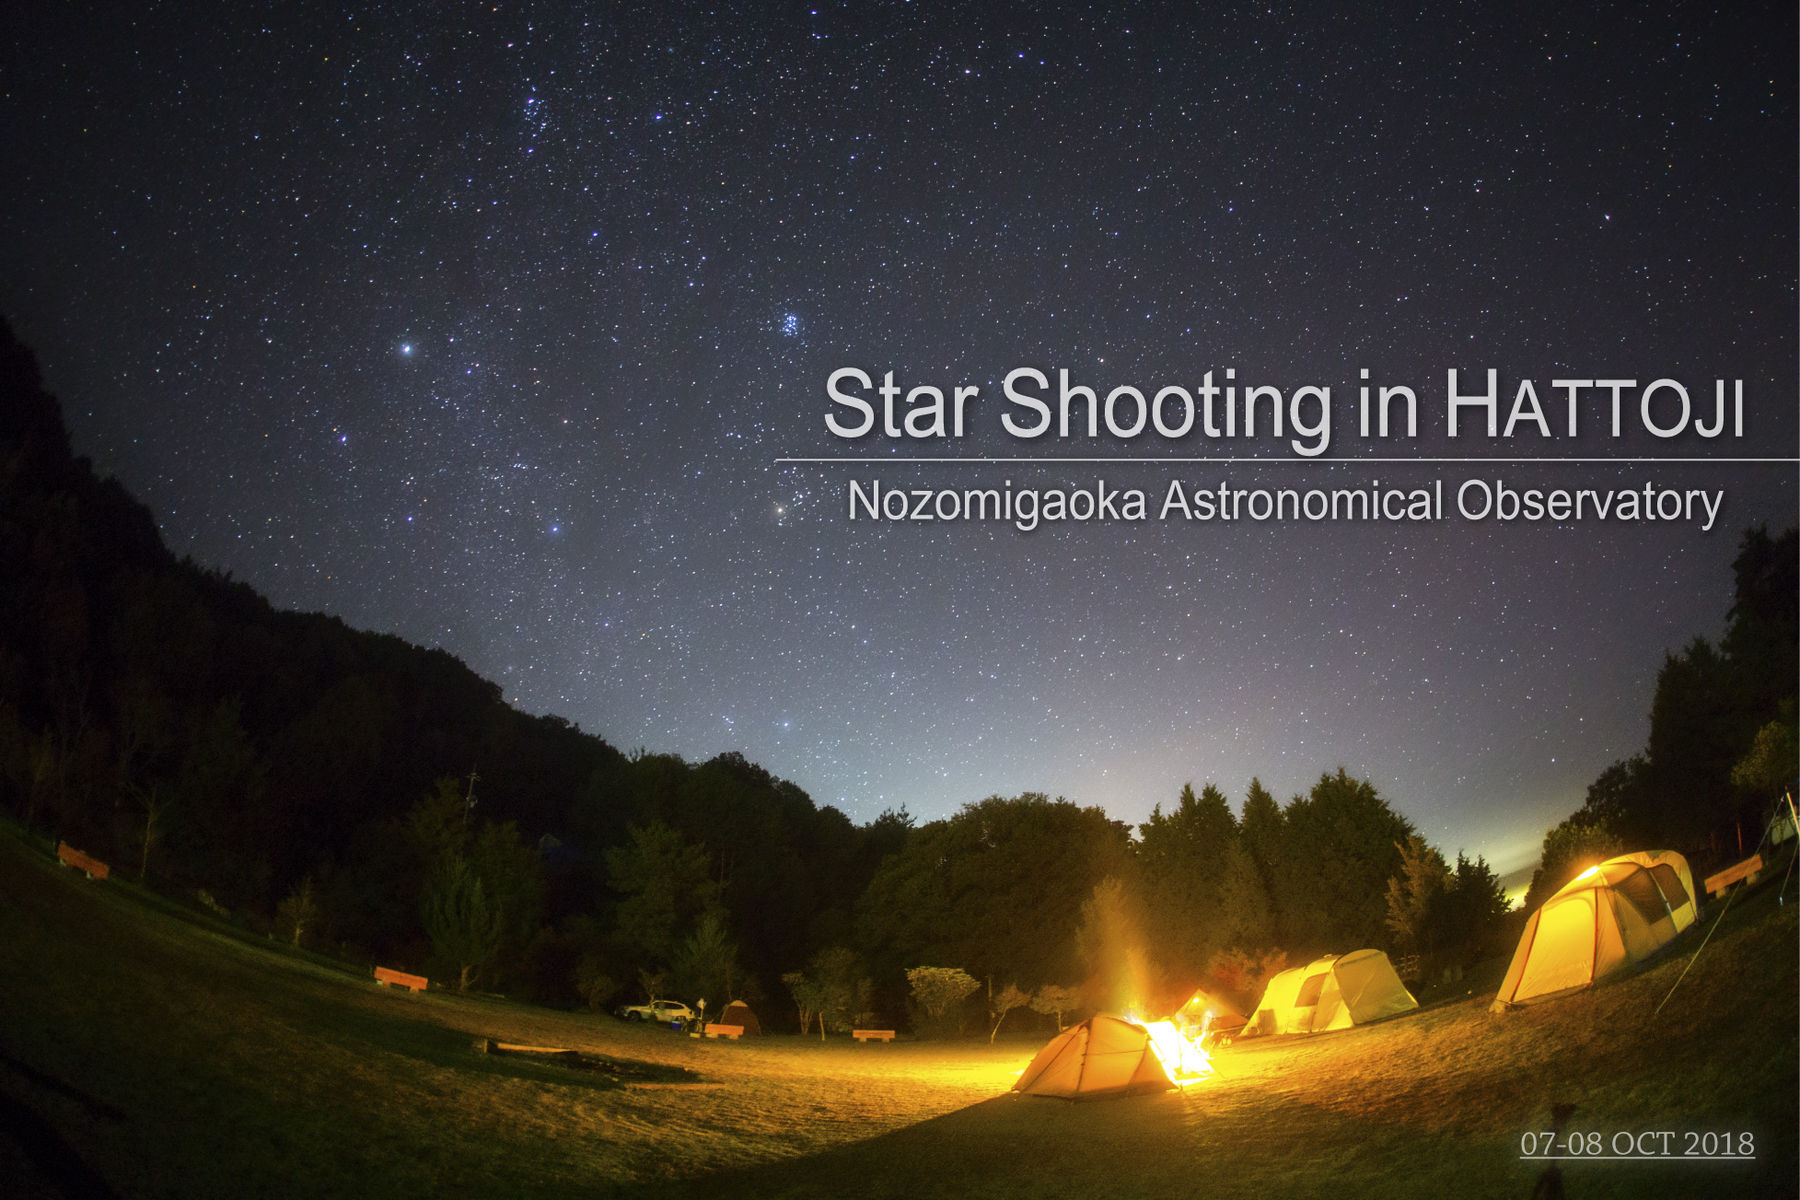 【星景】天体撮影 in 八塔寺ふるさと村 望ヶ丘天文台